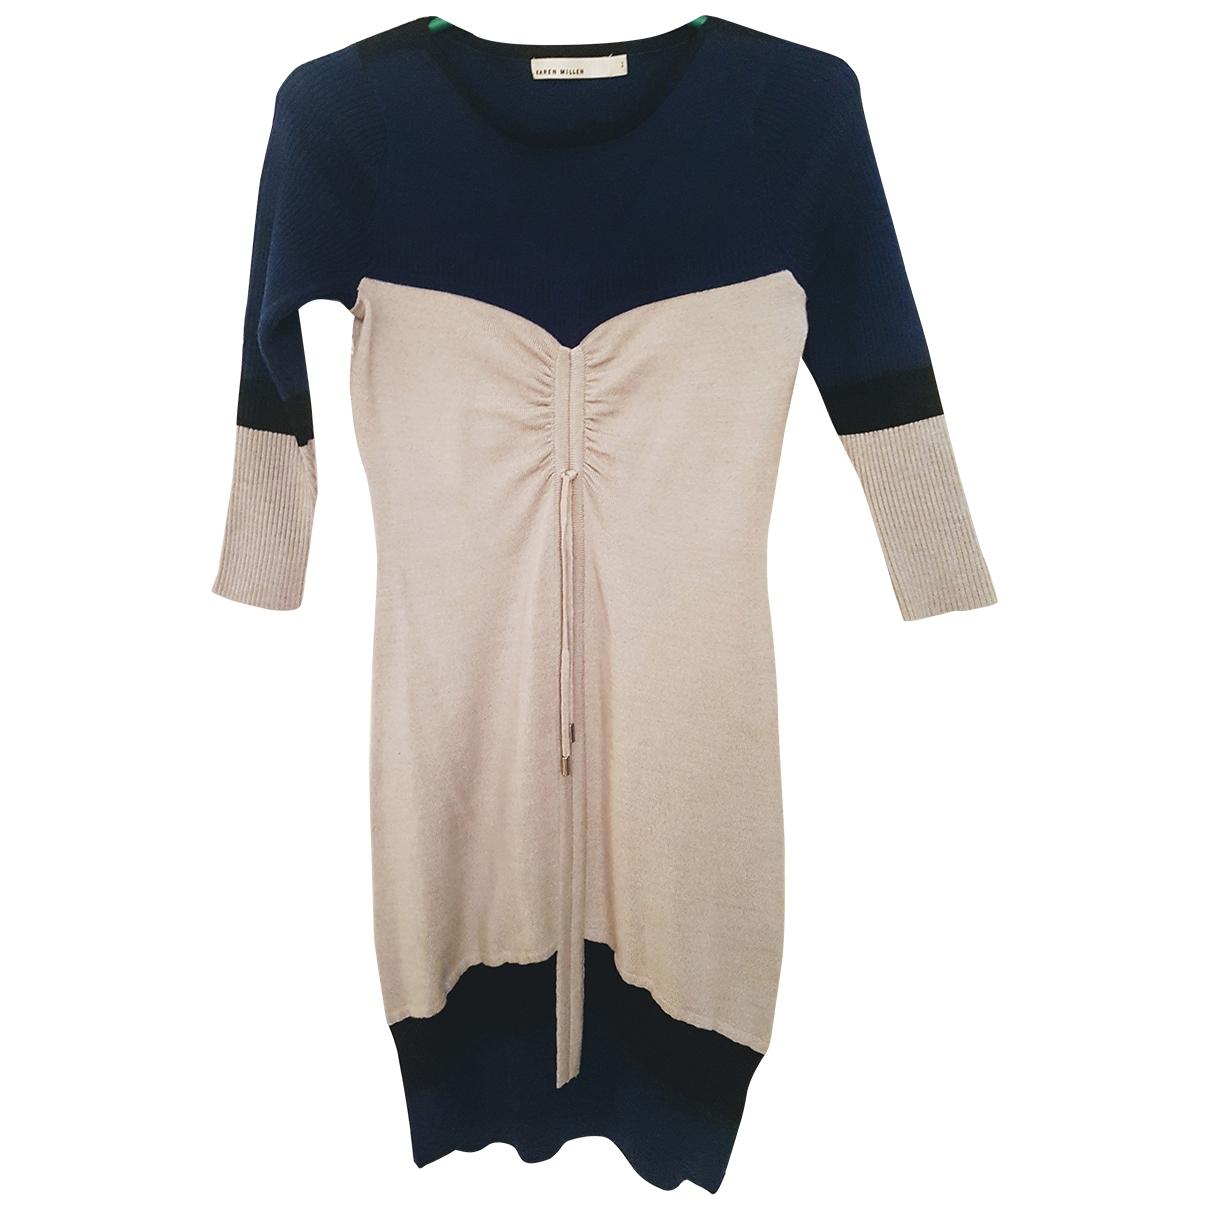 Karen Millen \N Kleid in  Grau Wolle